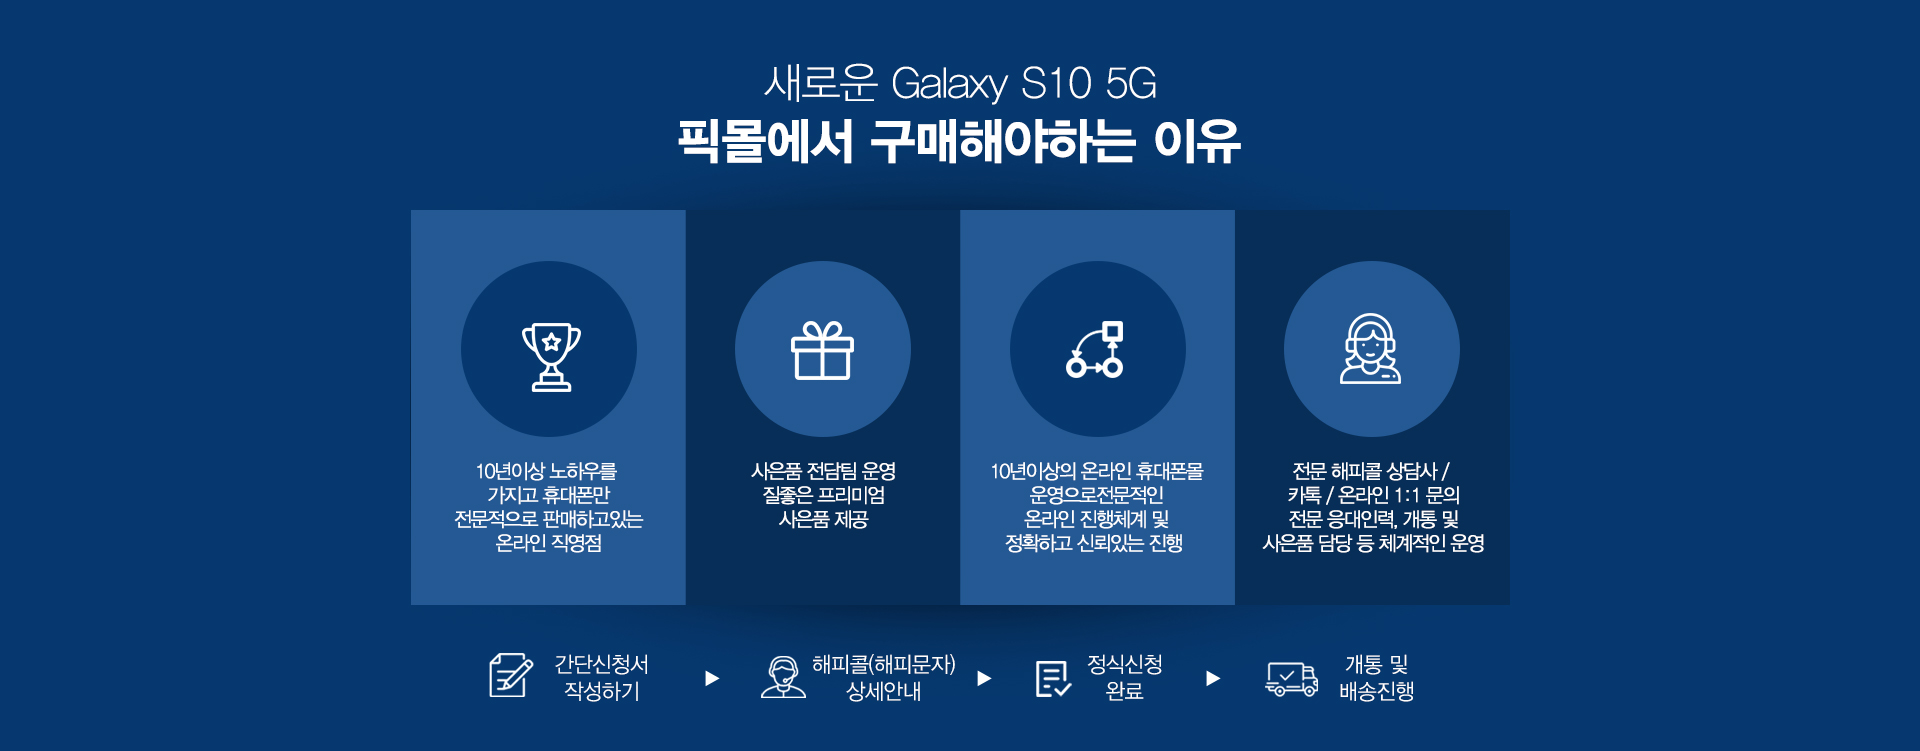 갤럭시s10 사전예약 갤럭시s10엑스 갤럭시s10플러스 갤럭시s10라이트 갤럭시s10에센셜 갤럭시s10e 사전예약 사은품 삼성정품덱스 삼성정품 무선충전기 최대혜택